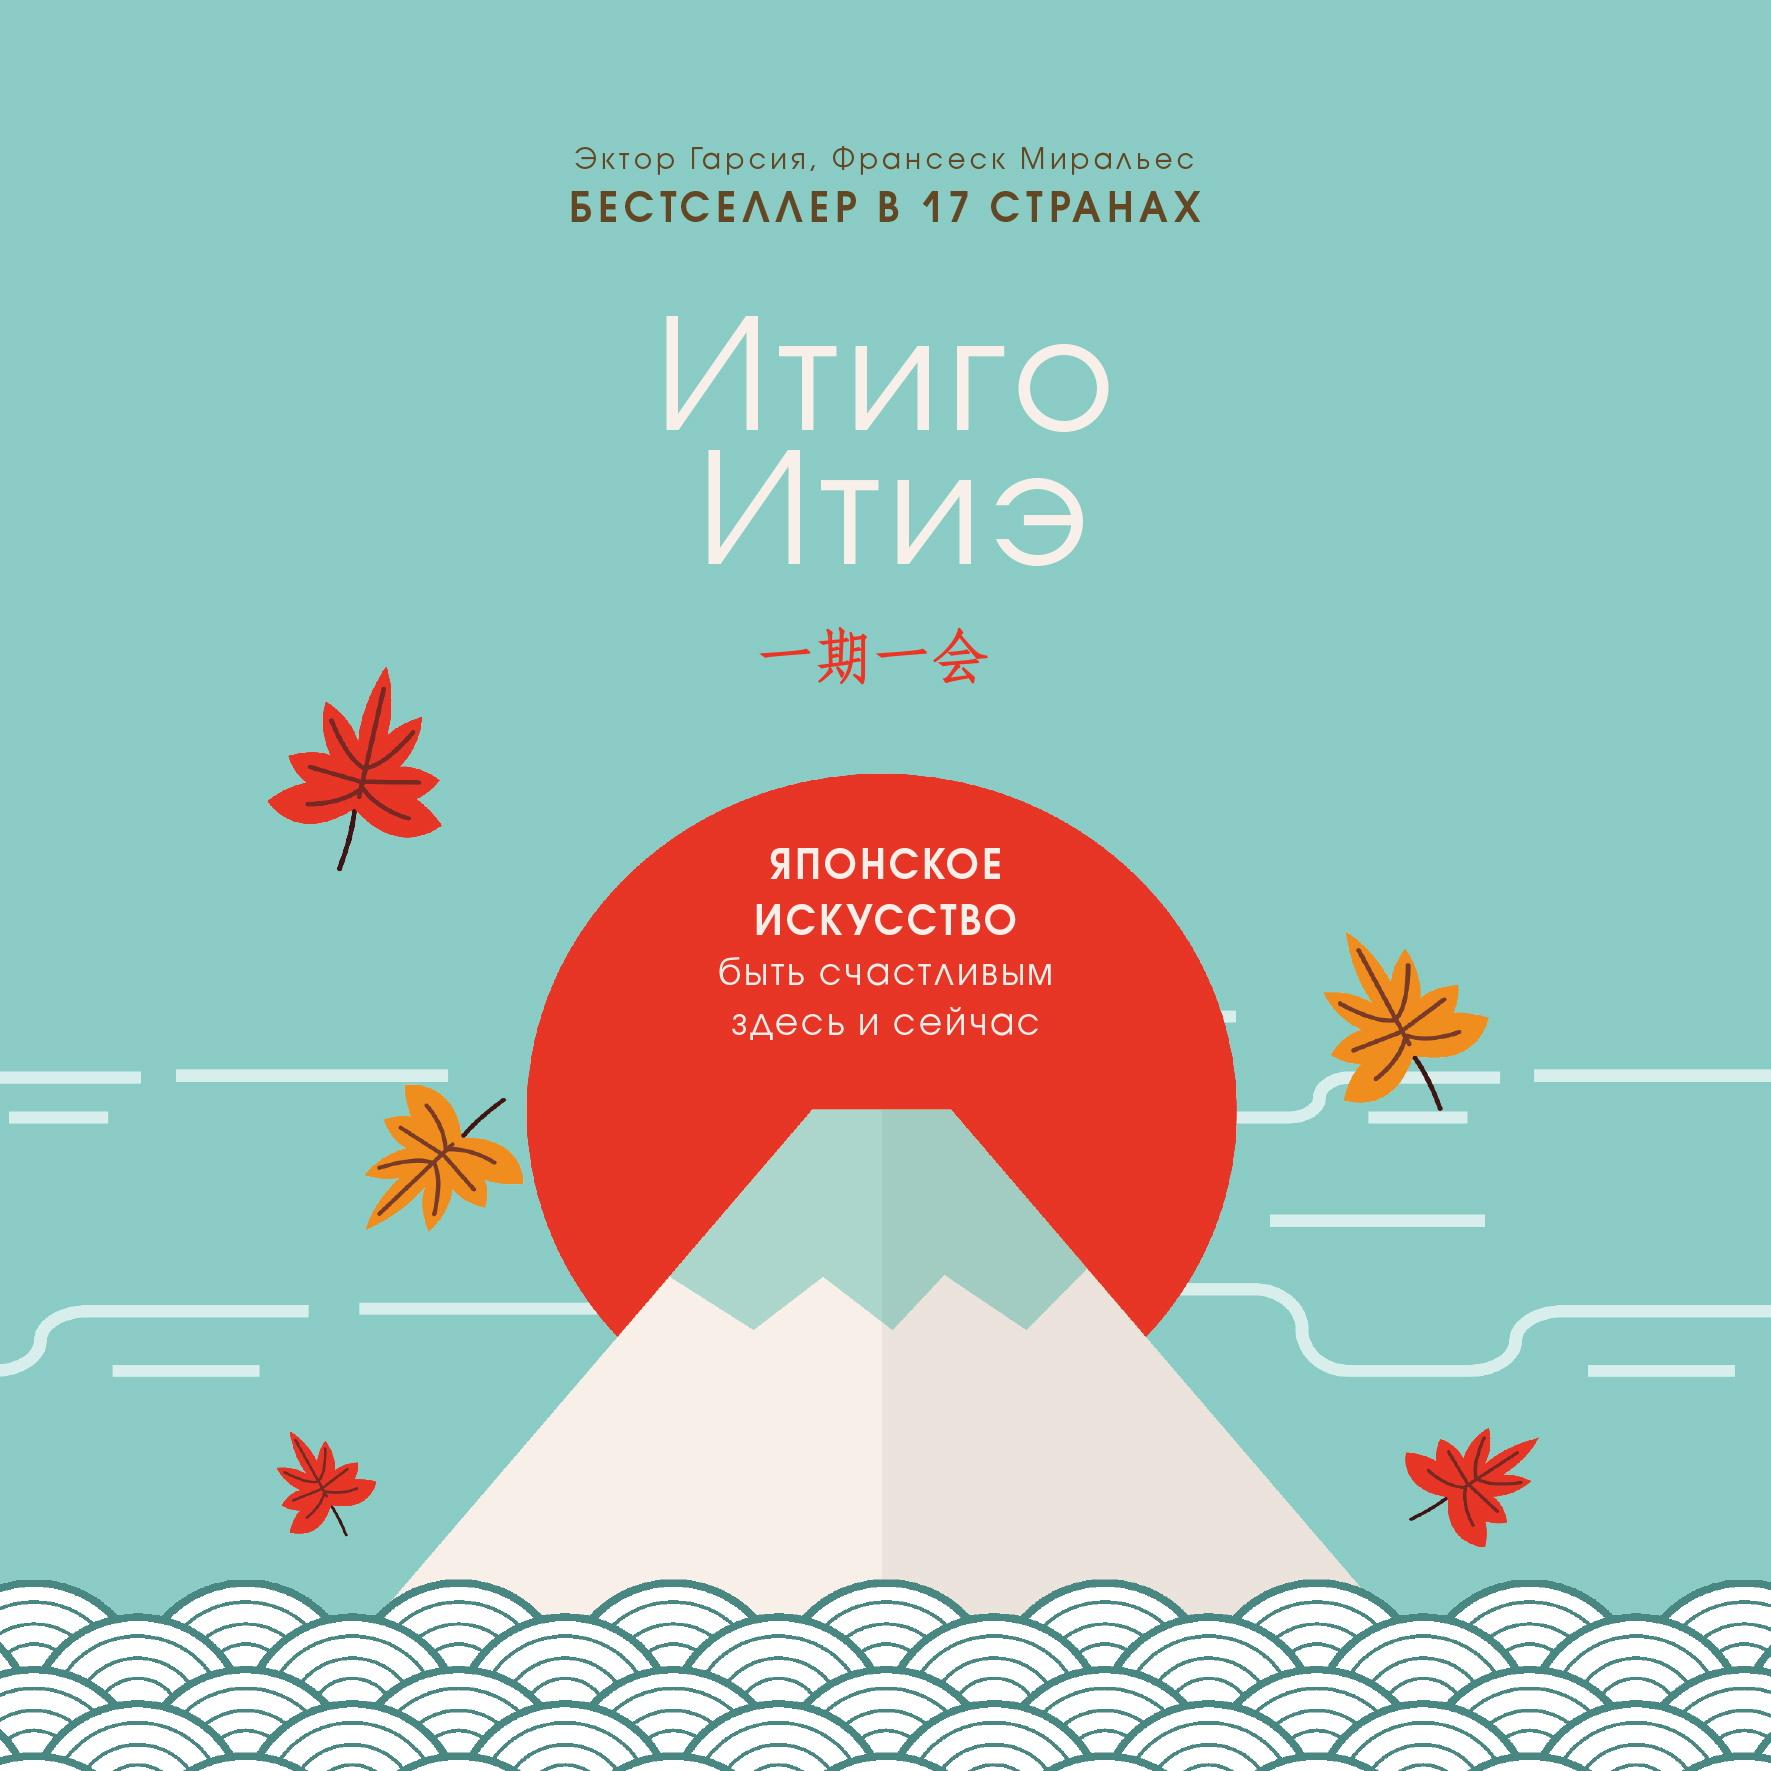 Купить книгу Итиго Итиэ. Японское искусство быть счастливым здесь и сейчас, автора Франсеска Миральес